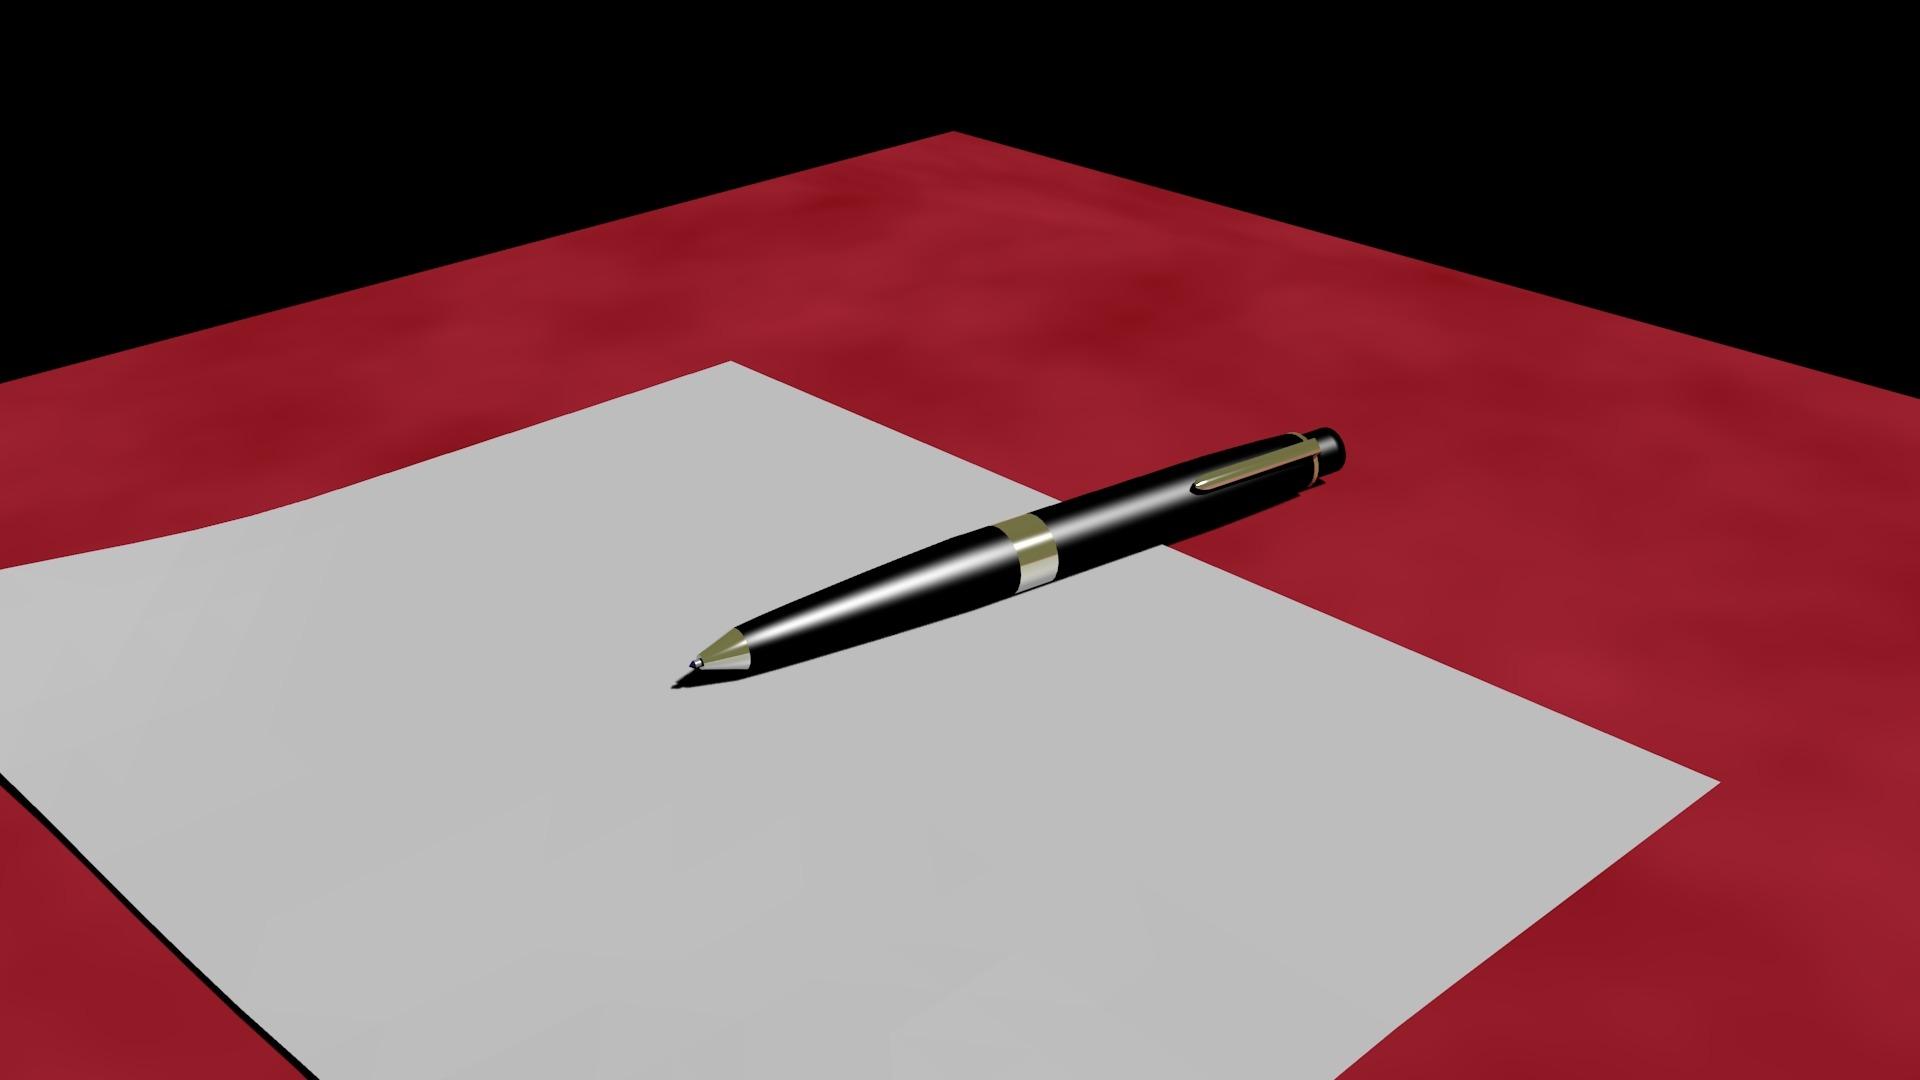 Latihan Menulis Kreatif dengan 100 Kata Pertama